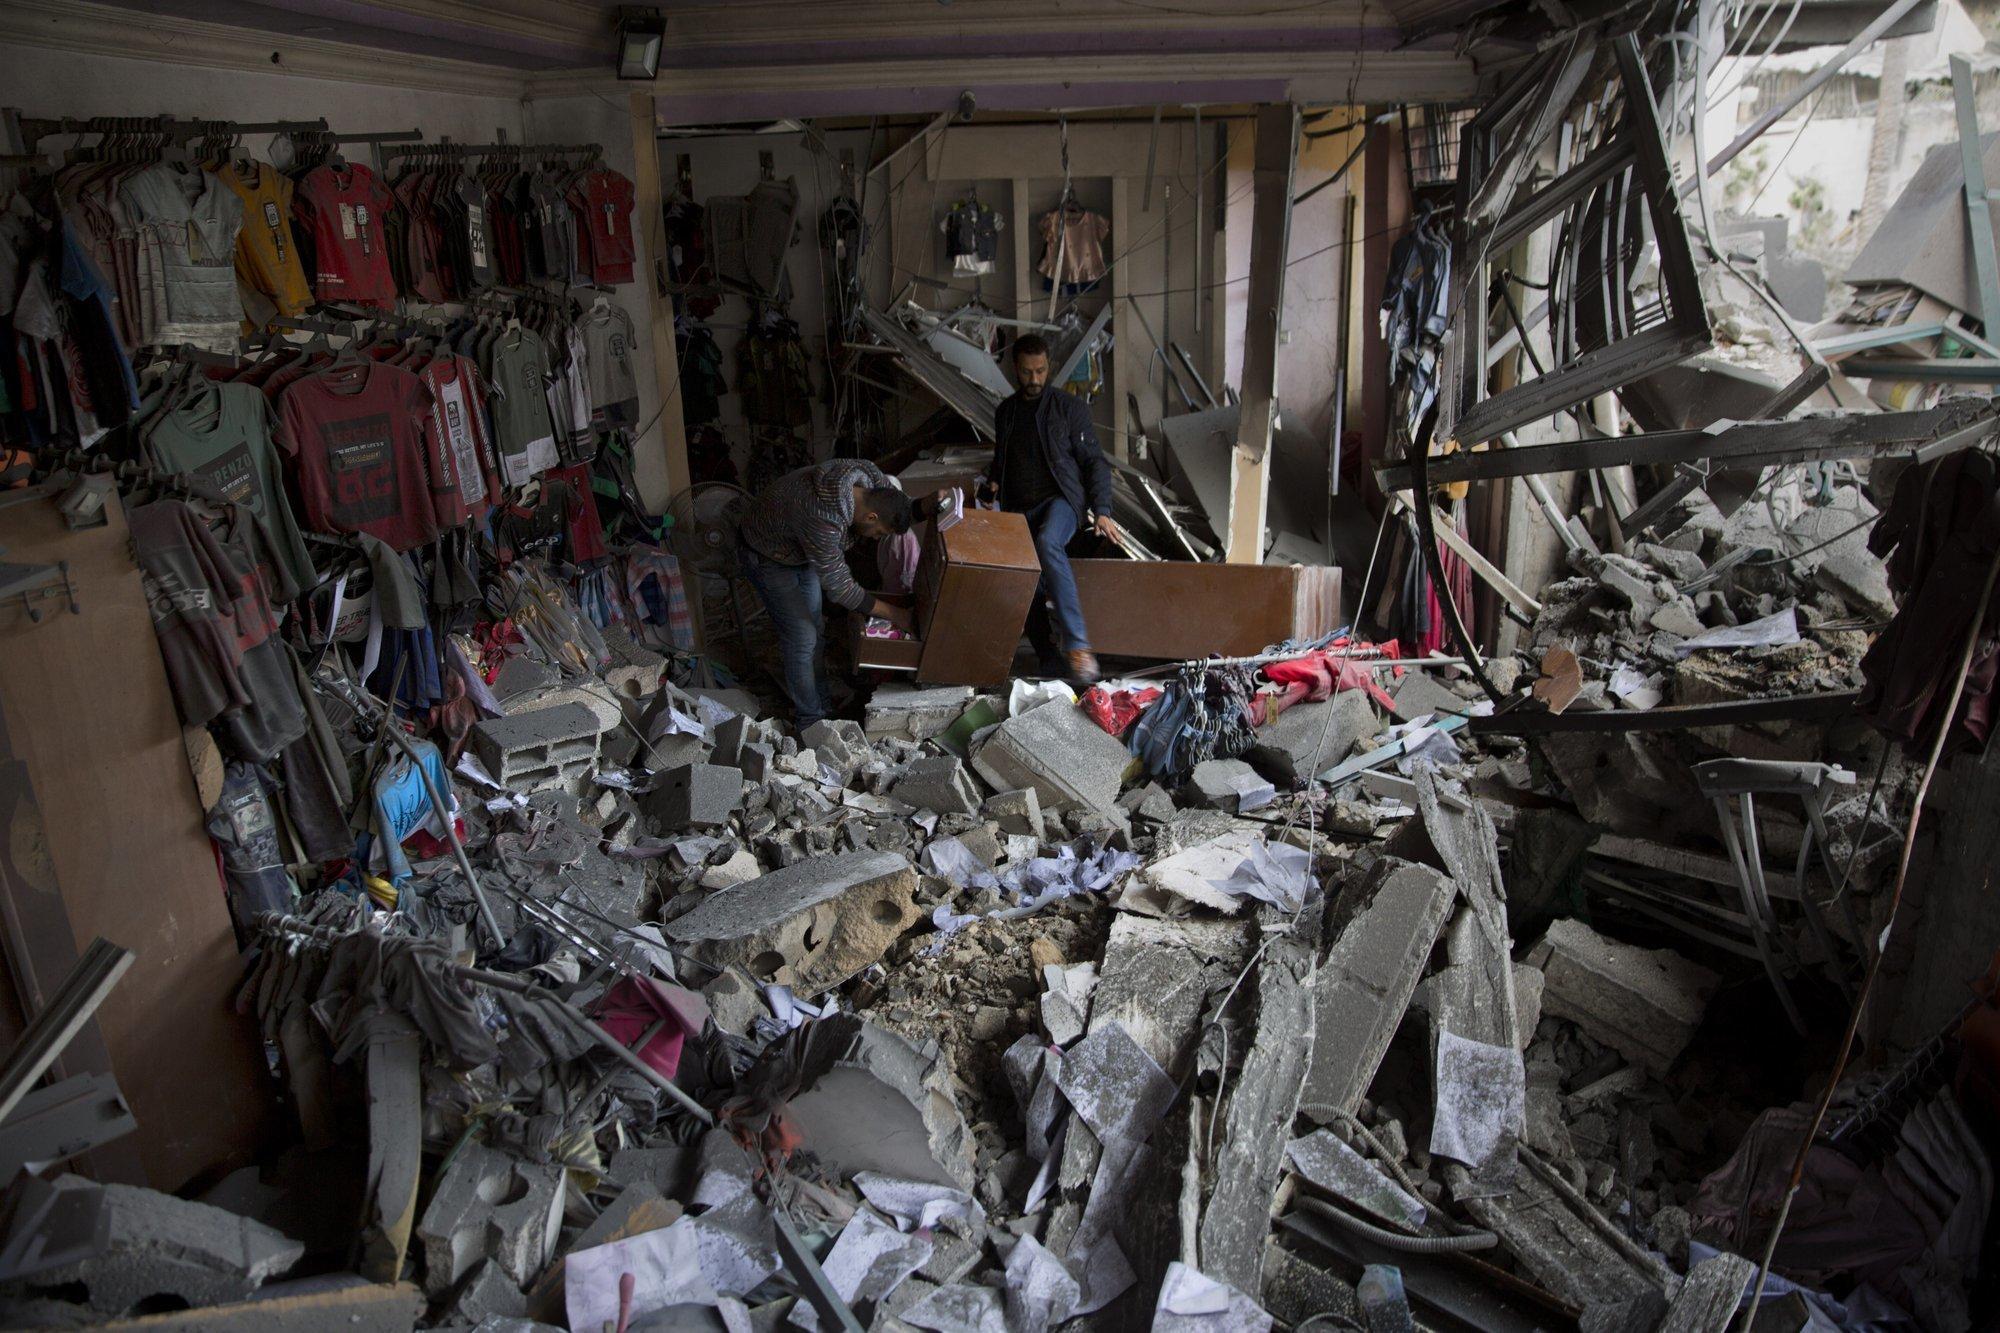 اسرائیلی فوج کے فضائی حملے کے بعد دو فلسطینی اپنی کپڑوں کی تباہ حال دکان سے سامان نکال رہے ہیں، فوٹو: اے پی